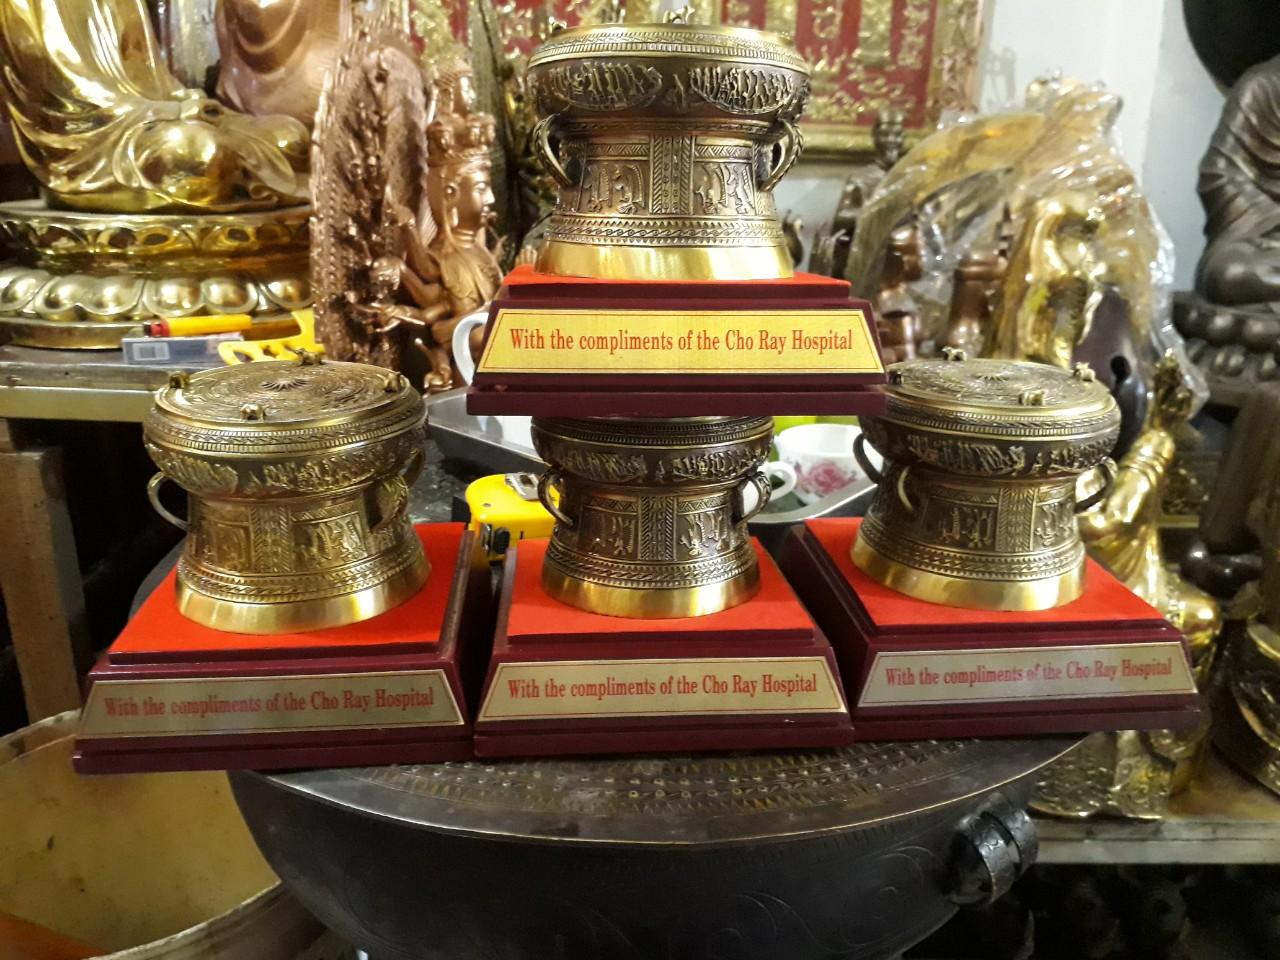 Giá bán trống đồng quà tặng, trống đồng Đông Sơn thu nhỏ làm quà lưu niệm